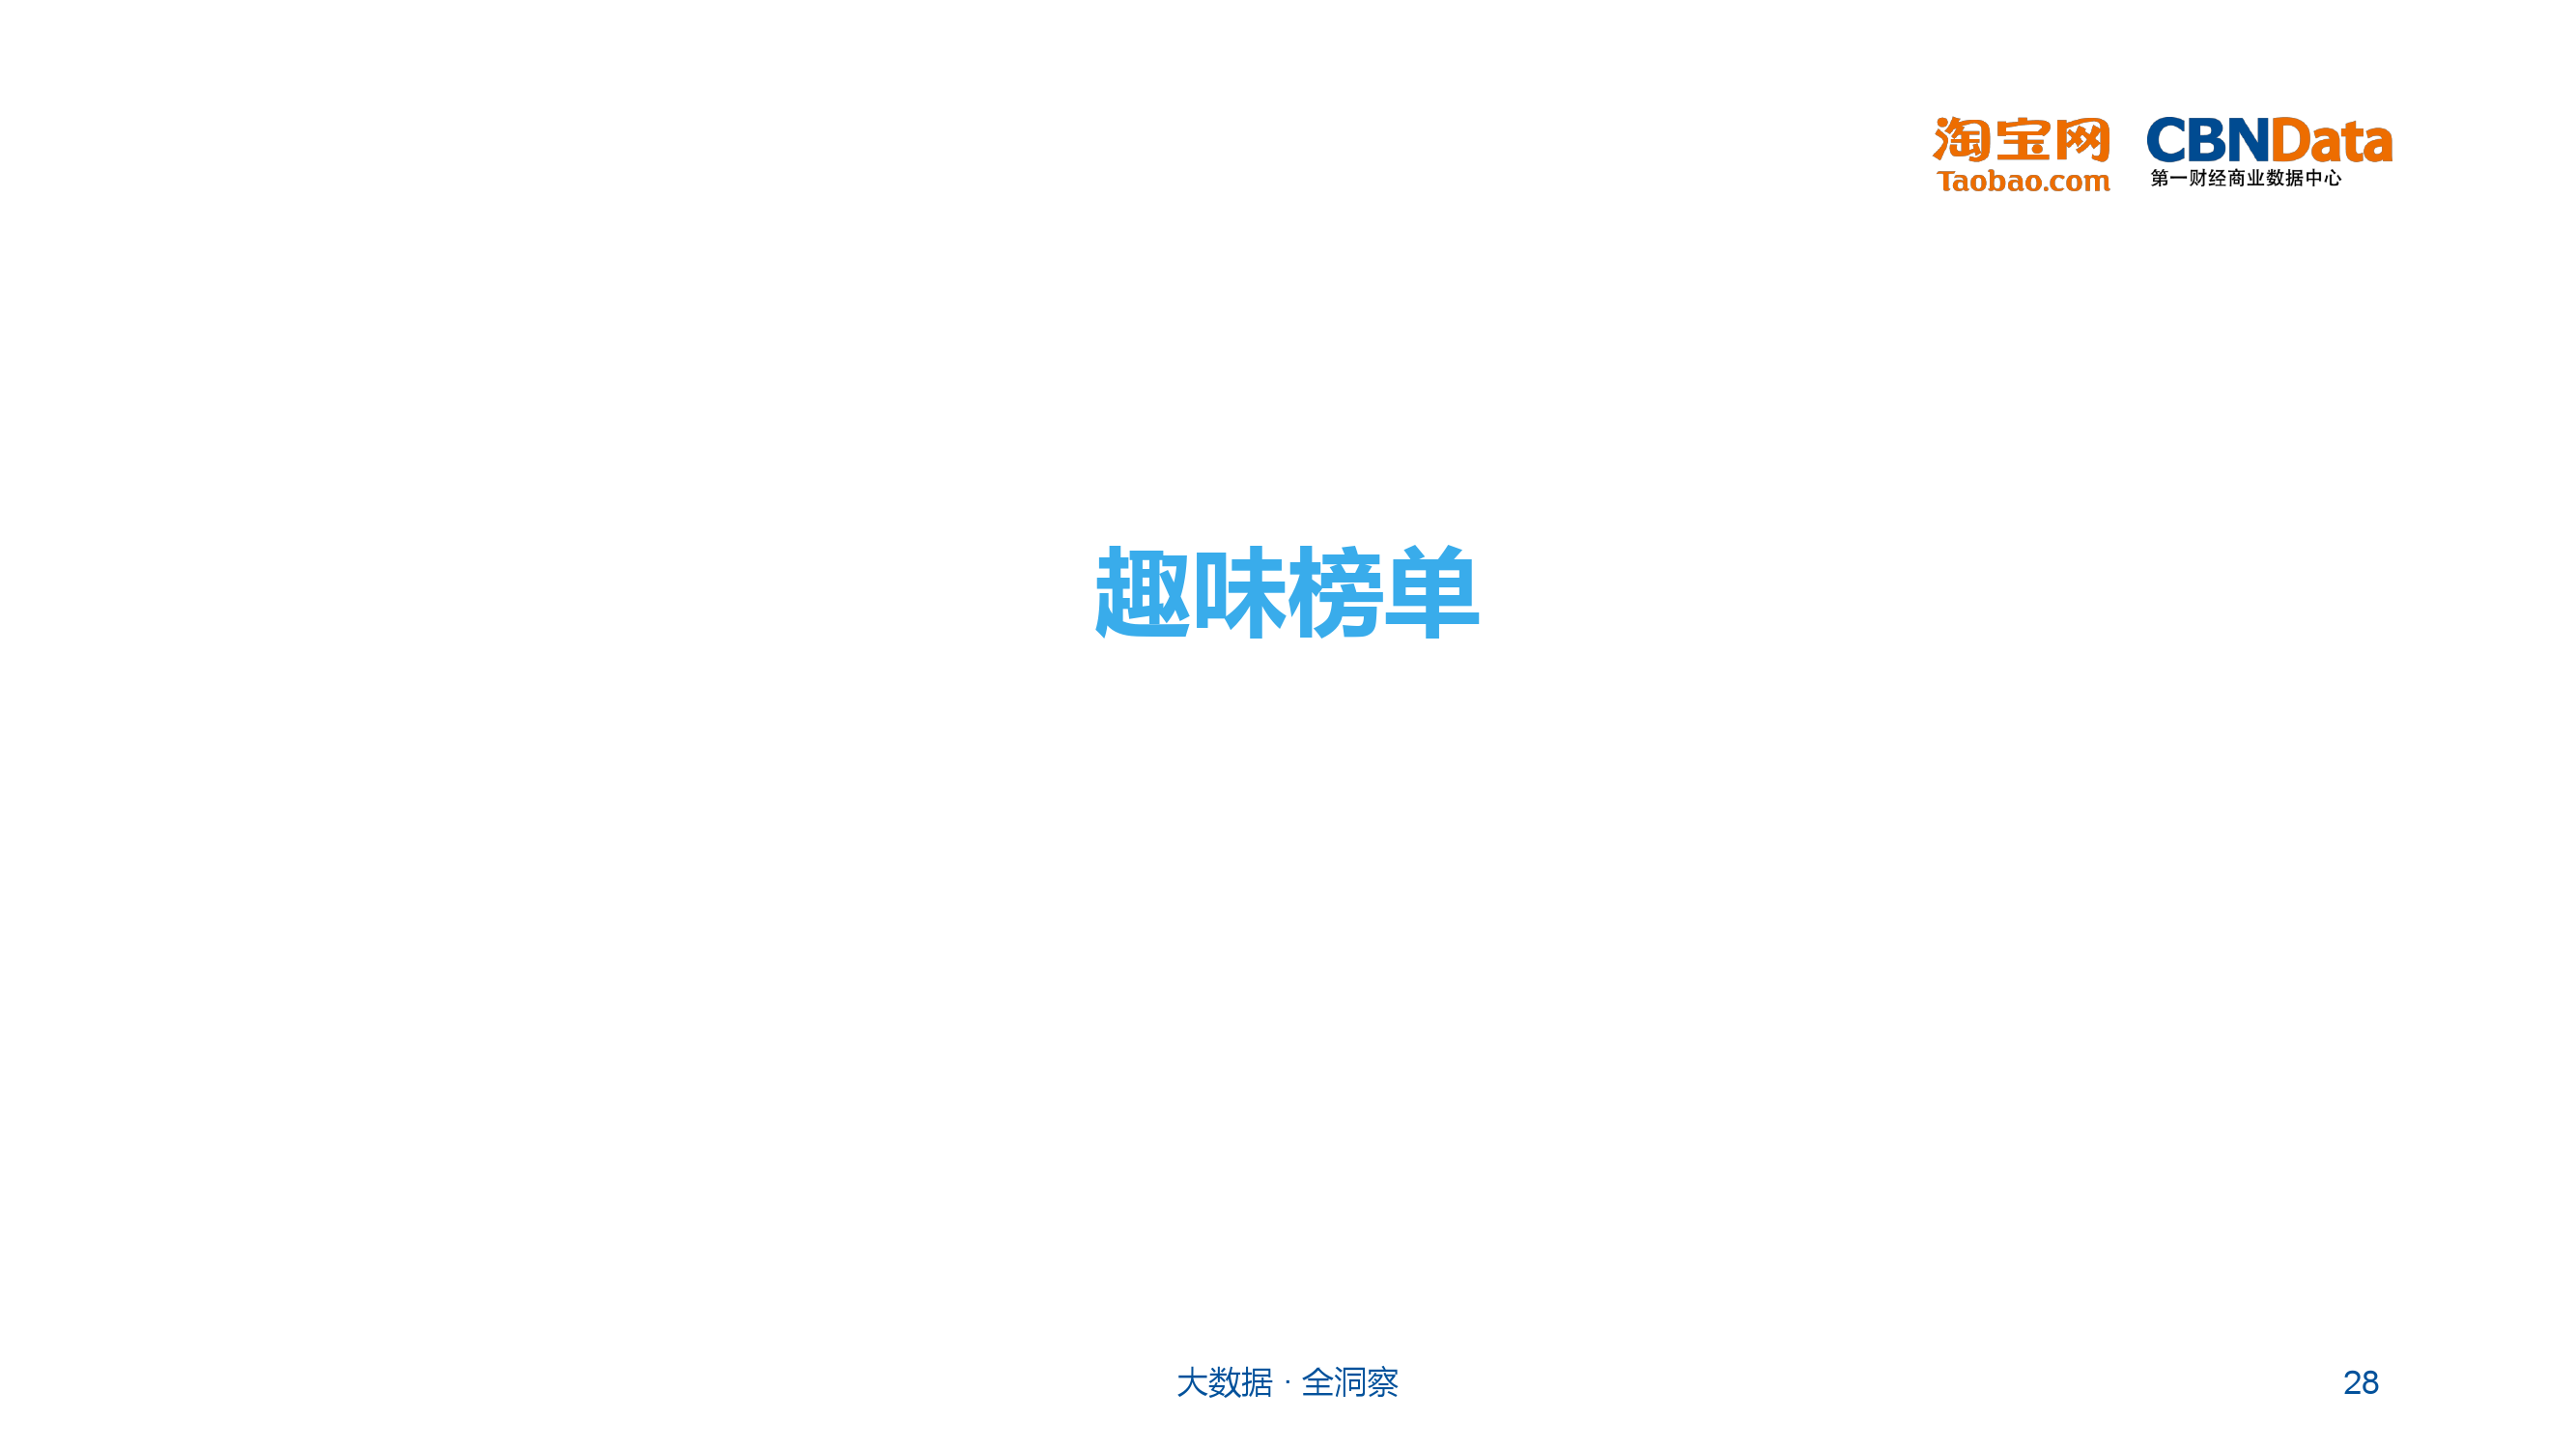 大学生群体网购行为分析_000028